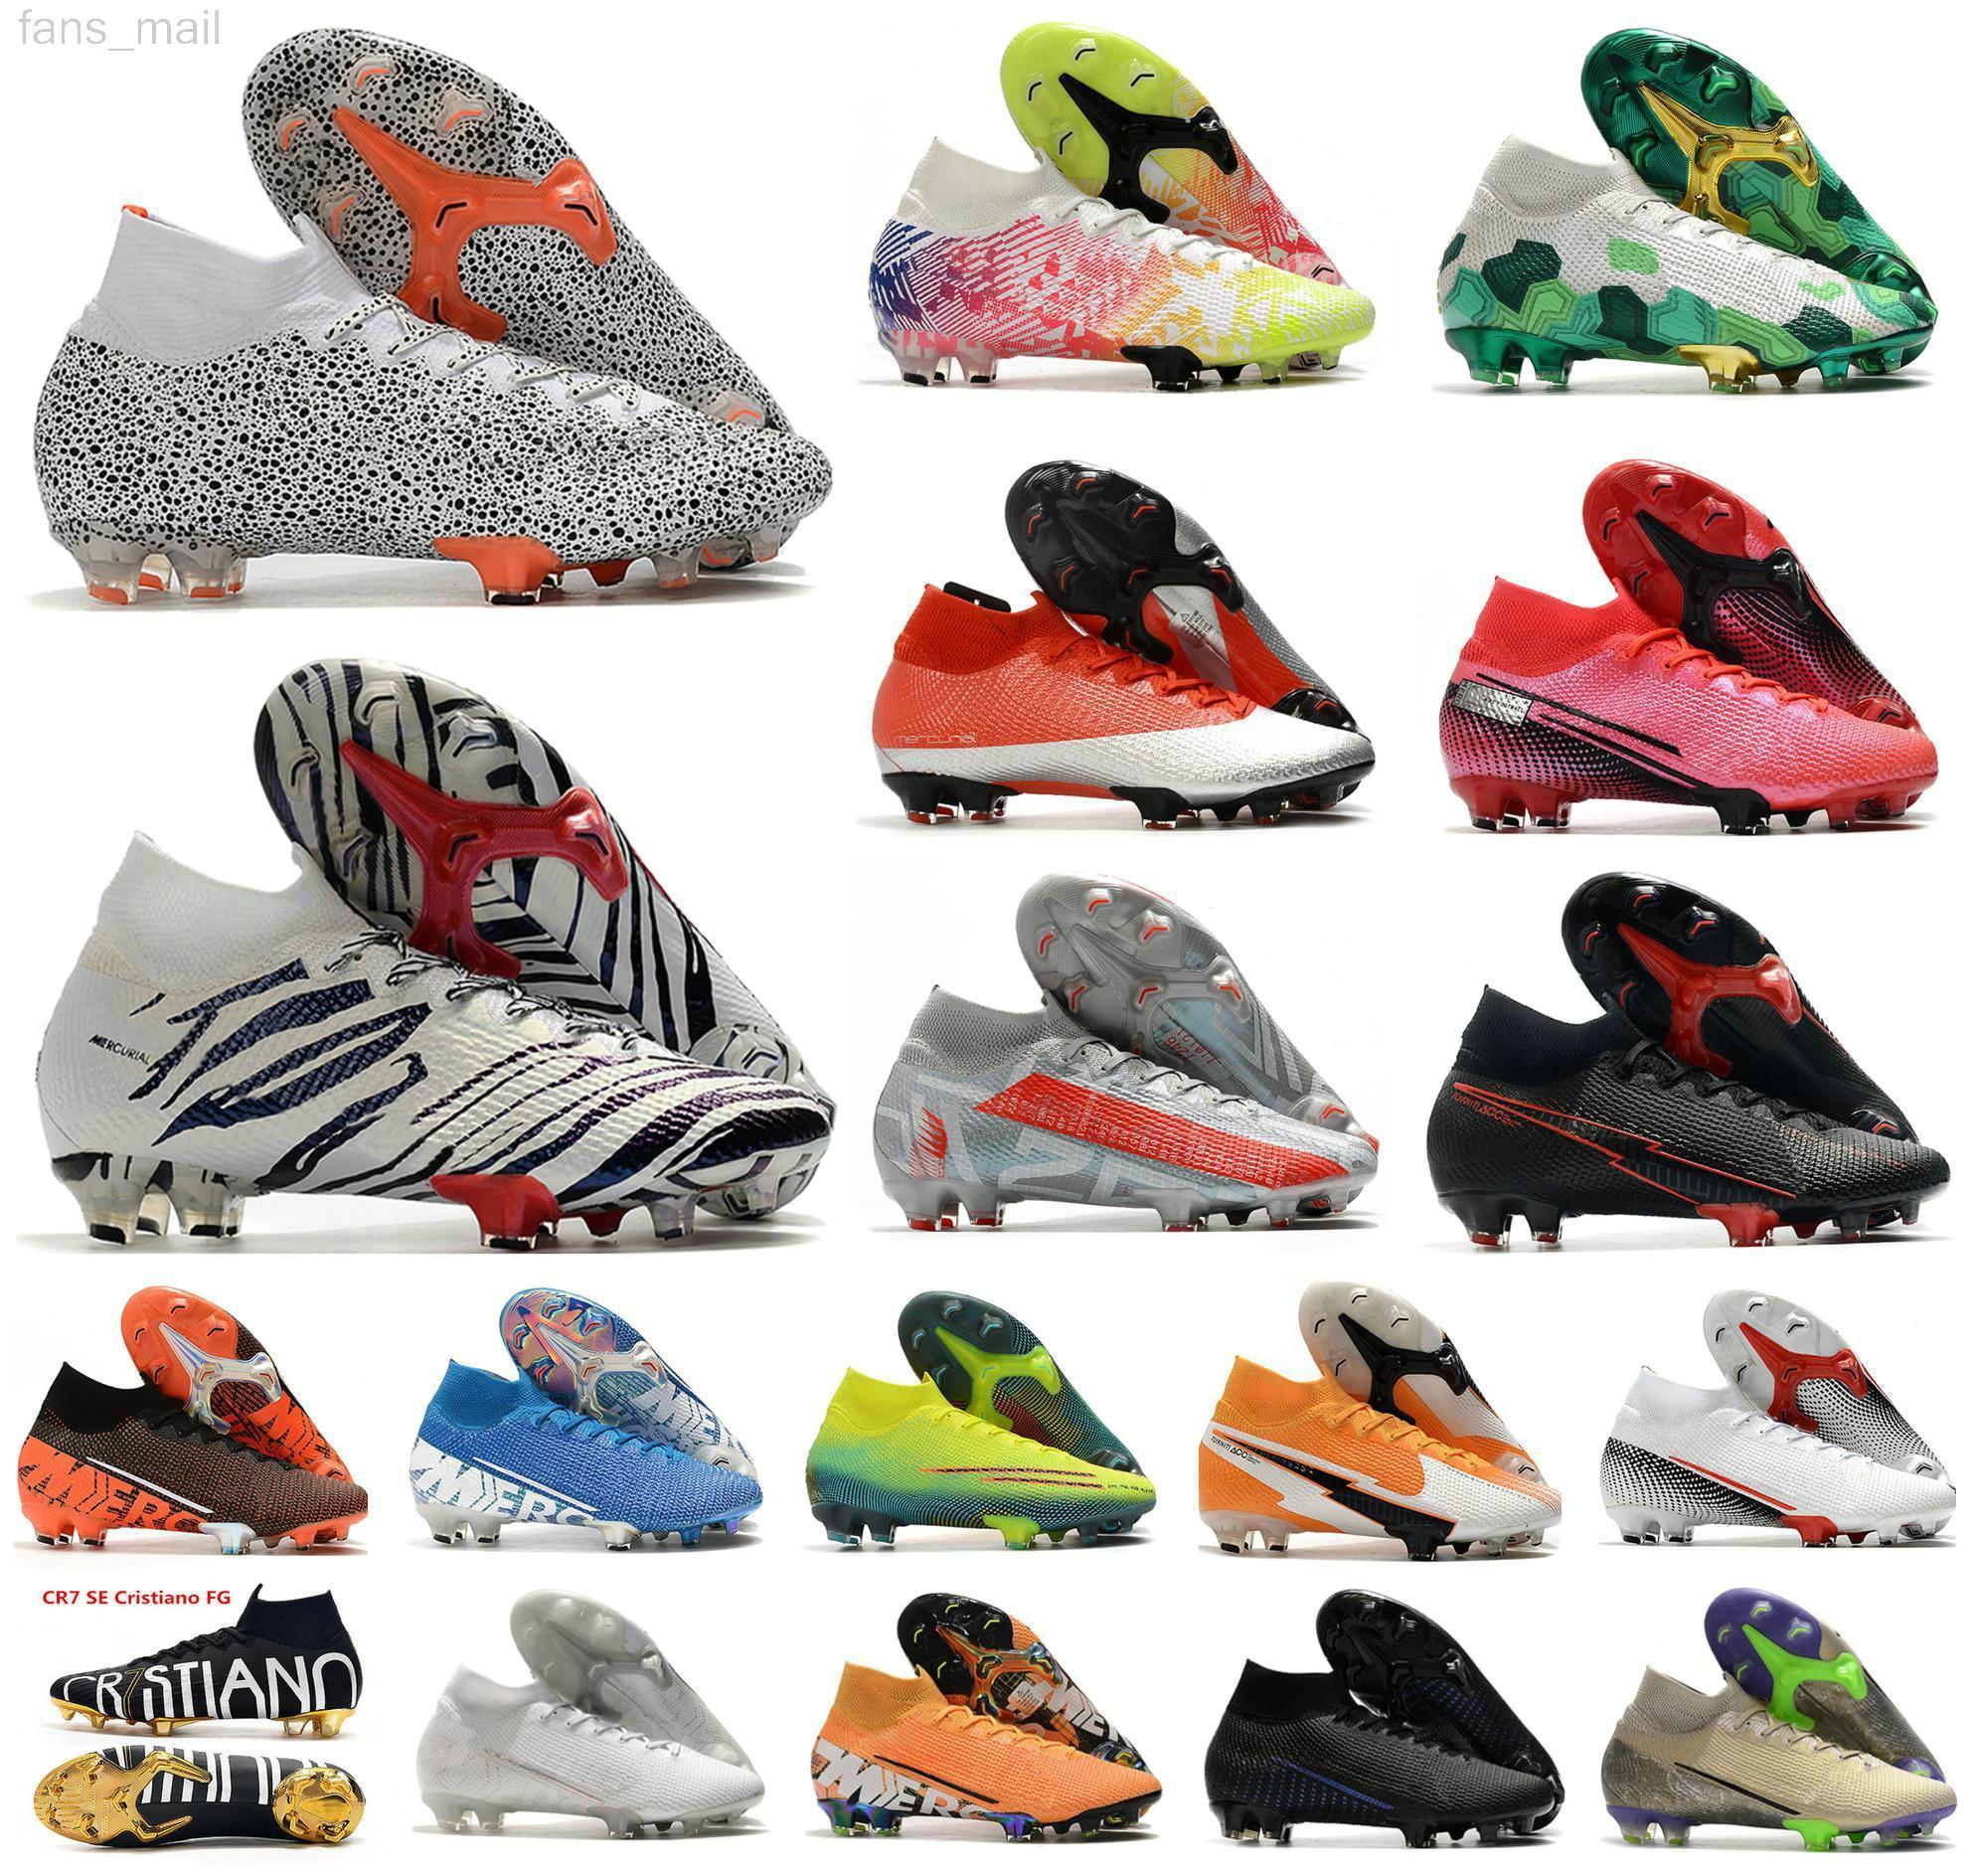 أعلى جودة cr7 mercurial superfly سفاري أحذية كرة القدم كوريا النخبة neymar المستقبل مختبر السابع 7 قرمزي fg رجل الشباب أطفال الأولاد كرة القدم أحذية حجم الولايات المتحدة 3-11